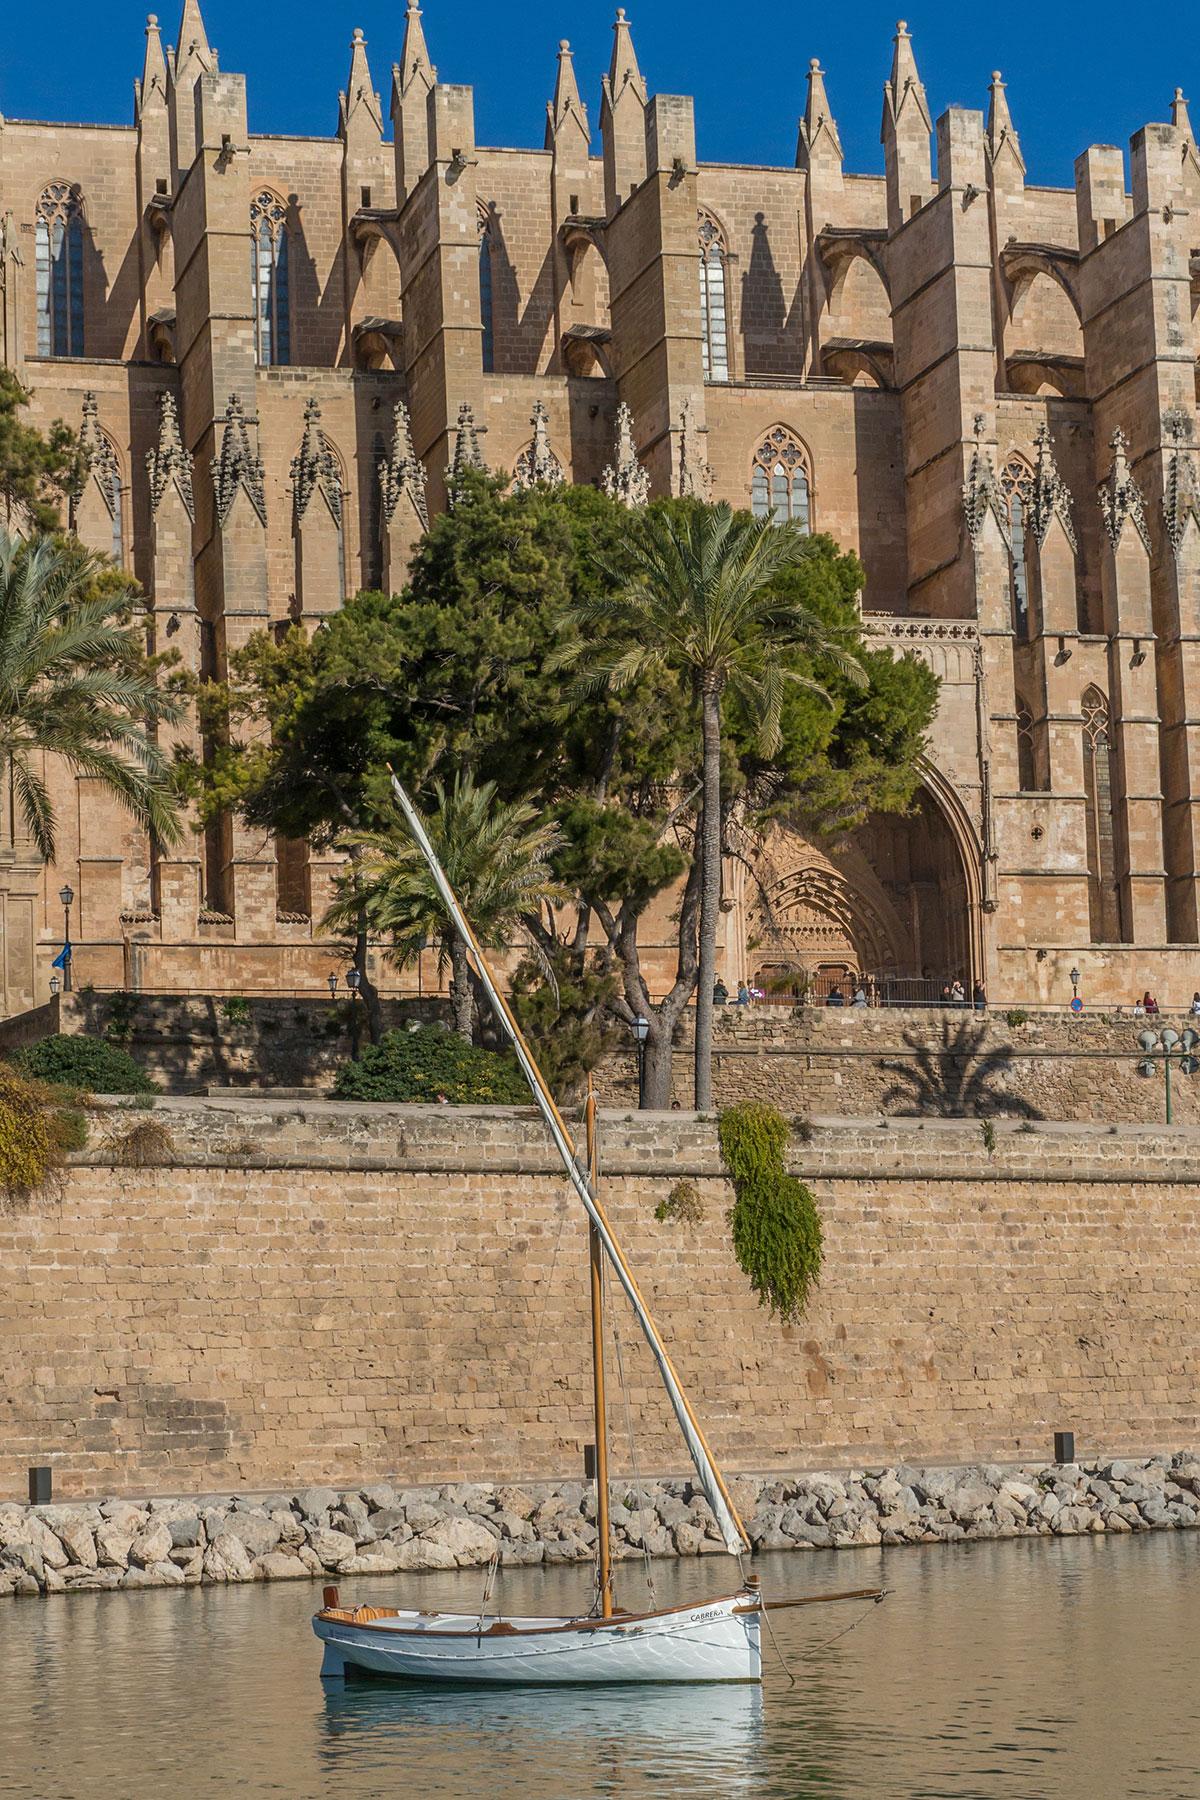 Mallorca, Catedral de Mallorca, Palma mit Segelboot